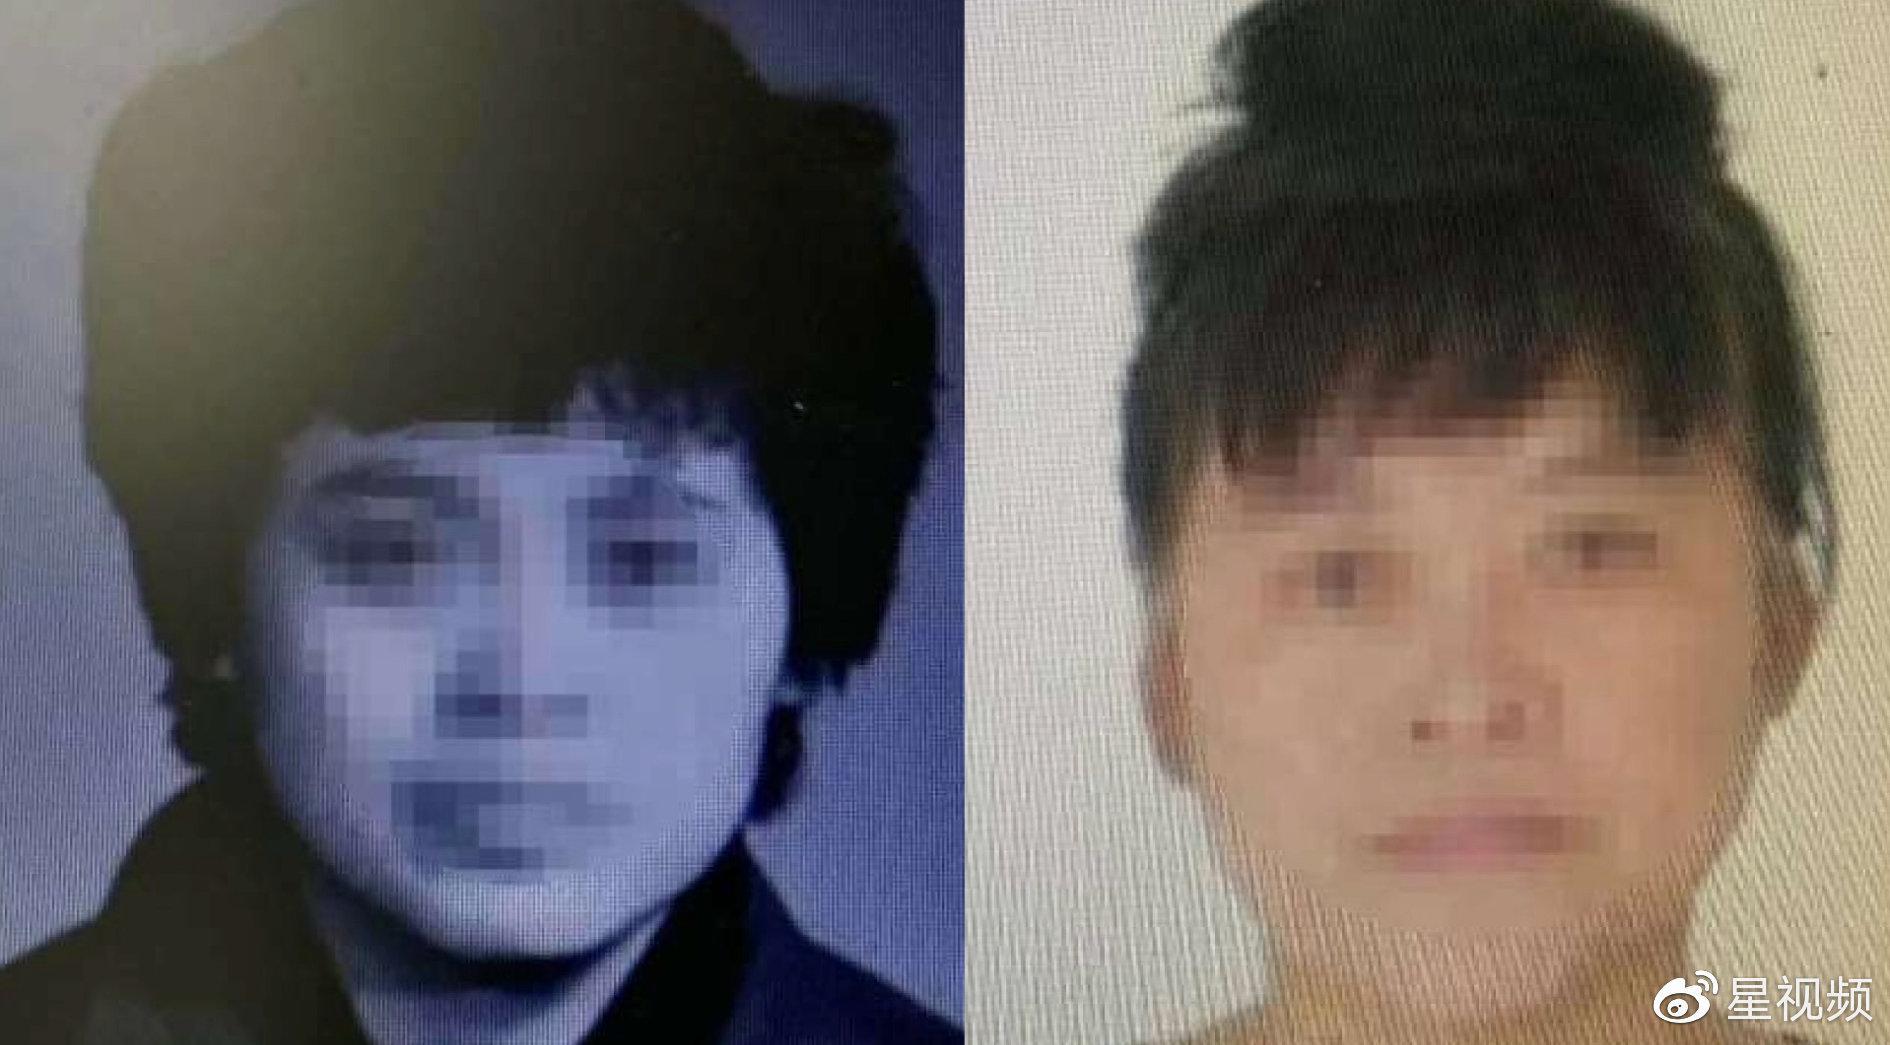 太原涉命案女嫌犯潜逃31年后被抓:因婚外情败露杀死邻居10岁女儿